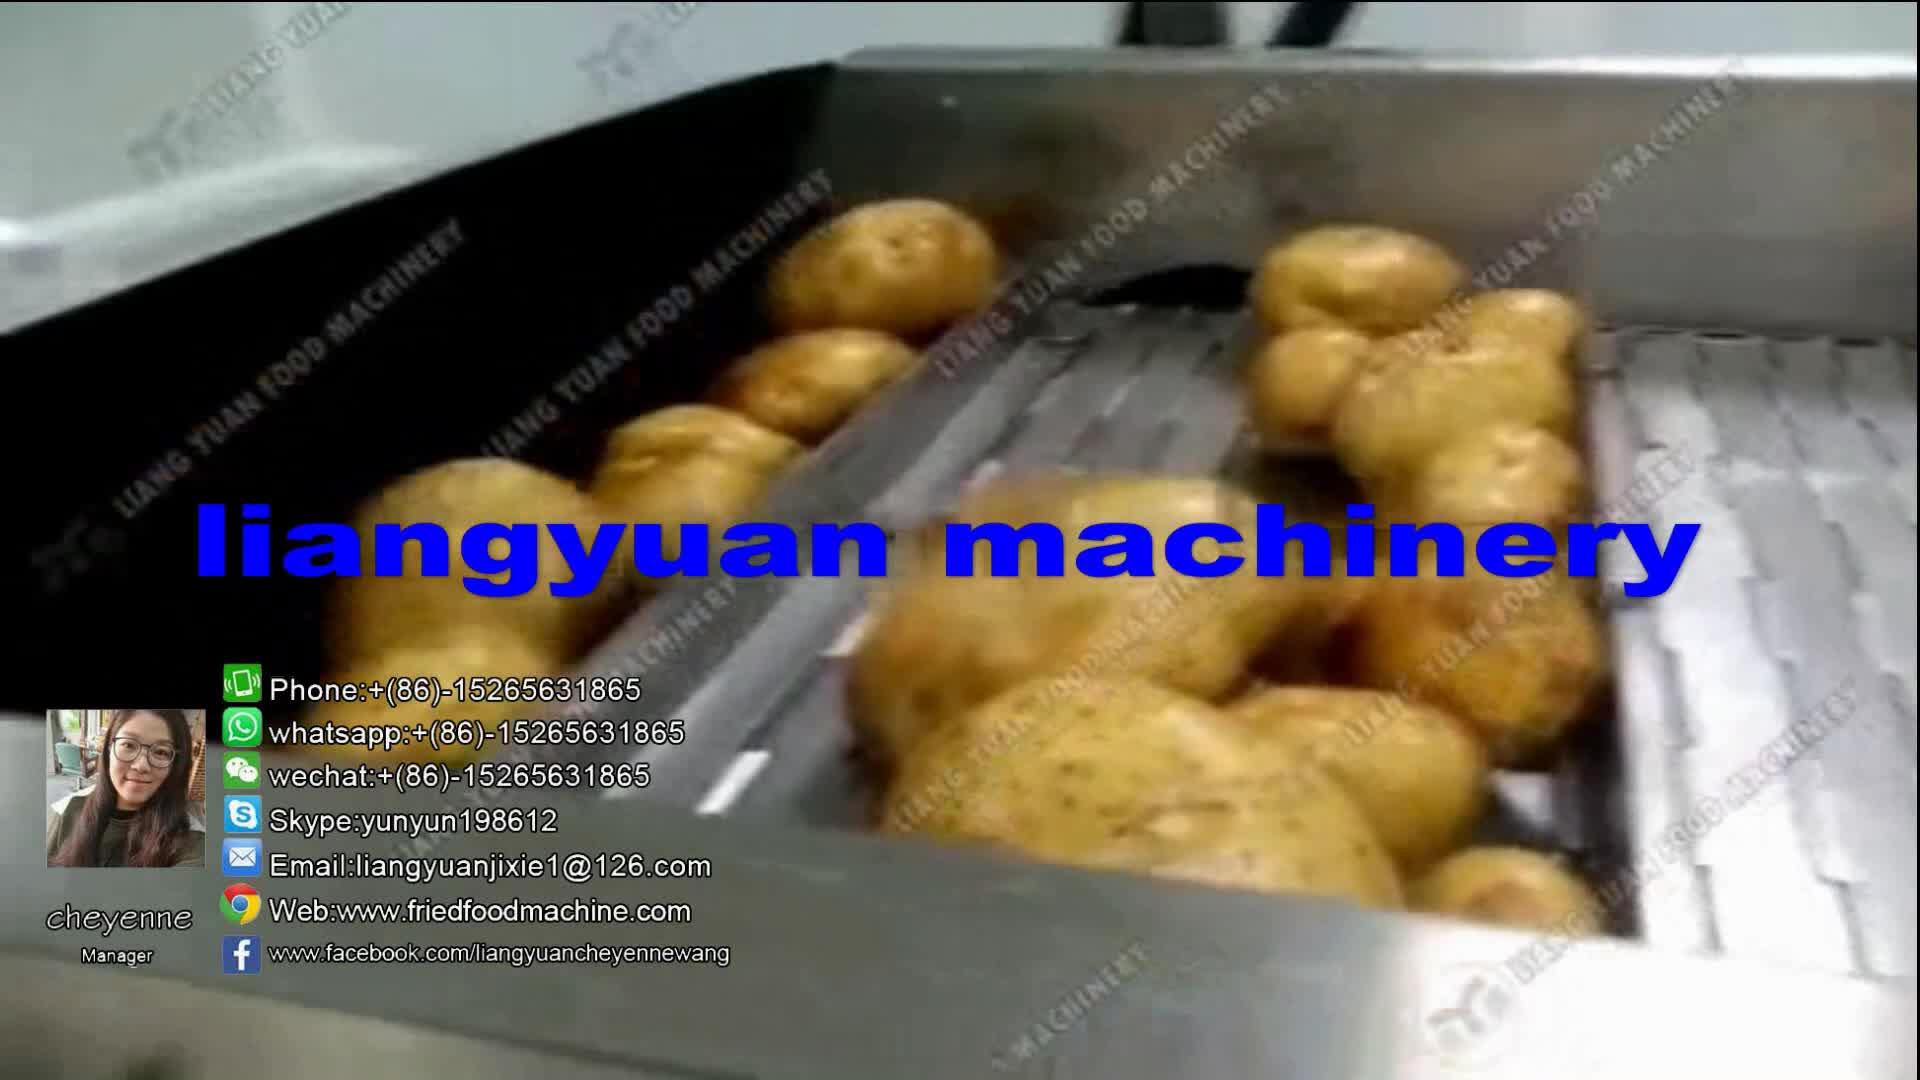 유방 zhucheng 200 키로그램/시간 전체 자동 감자 칩 메이커